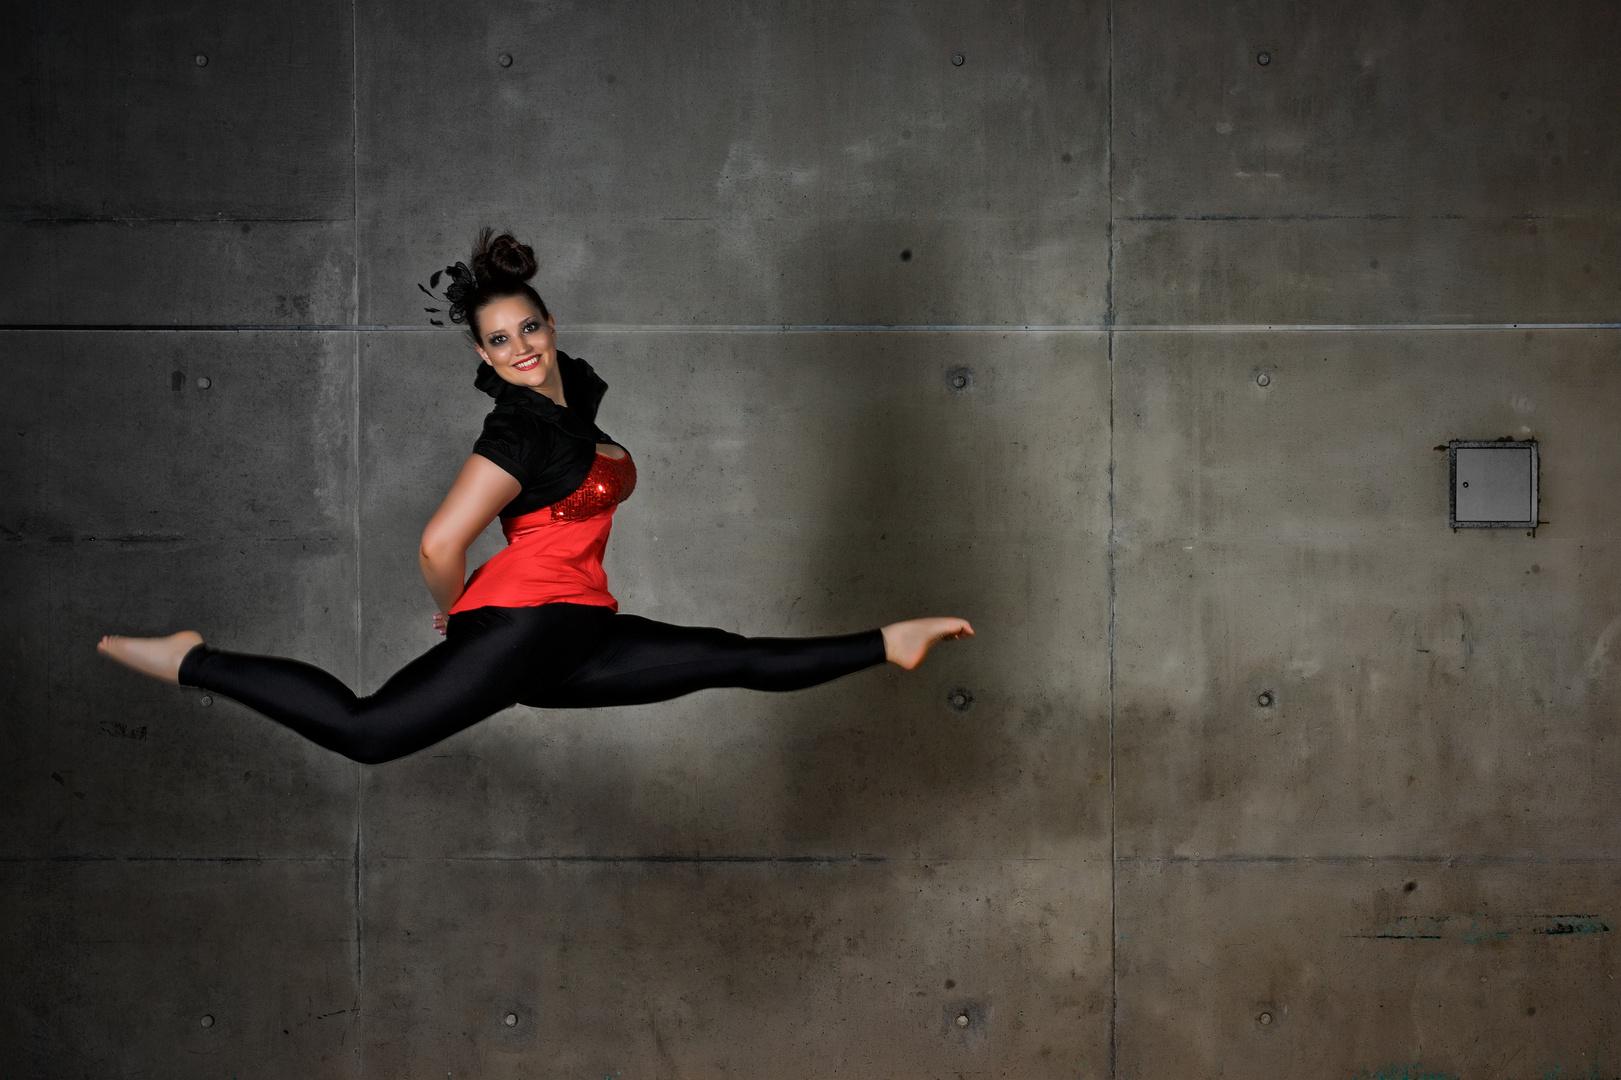 Airdance_19